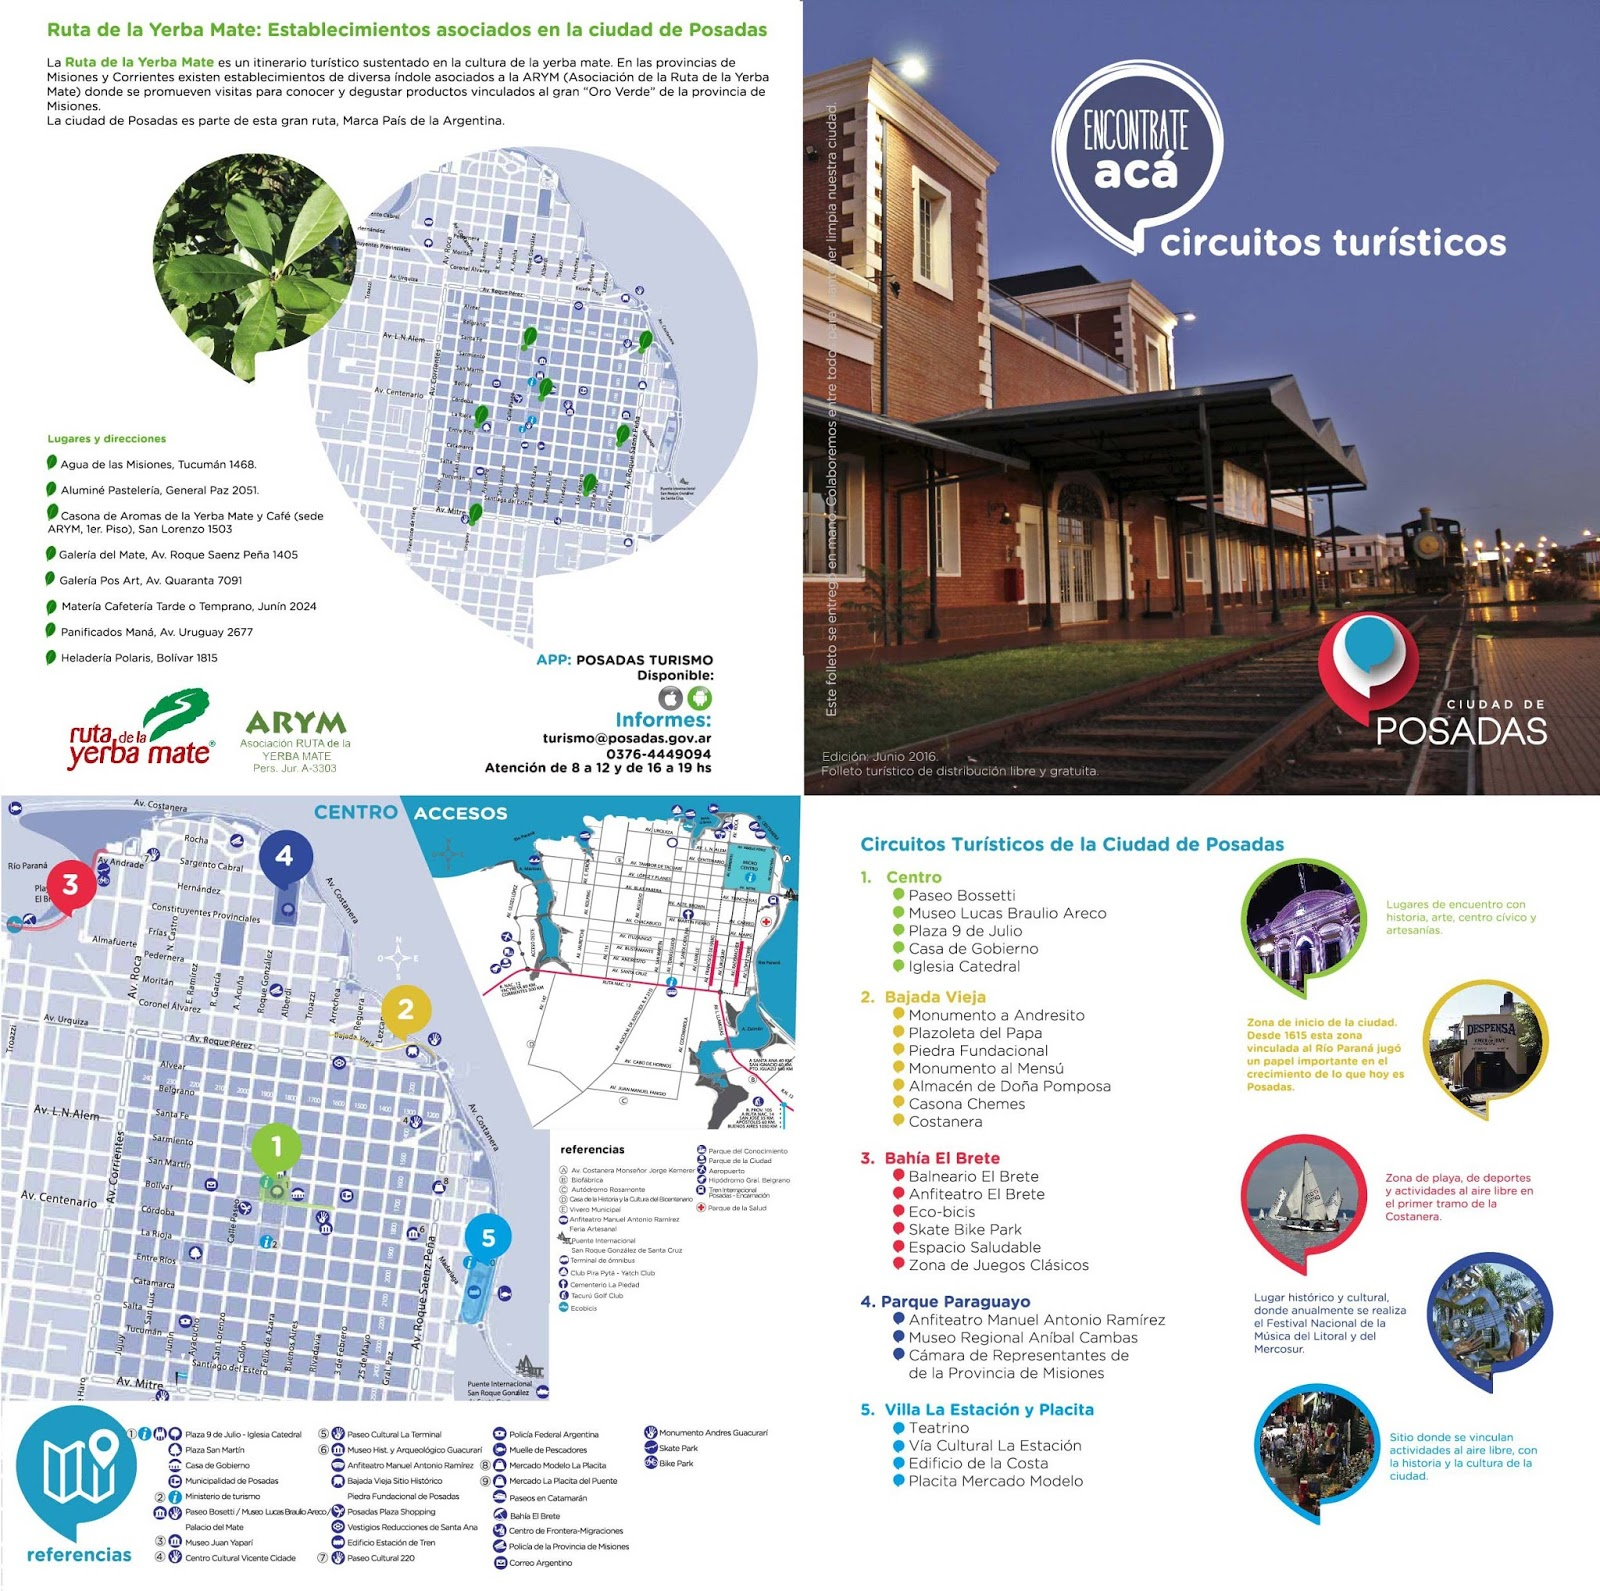 Circuito Yerba Mate : Noticias de la ruta de la yerba mate histórico posadas lanza